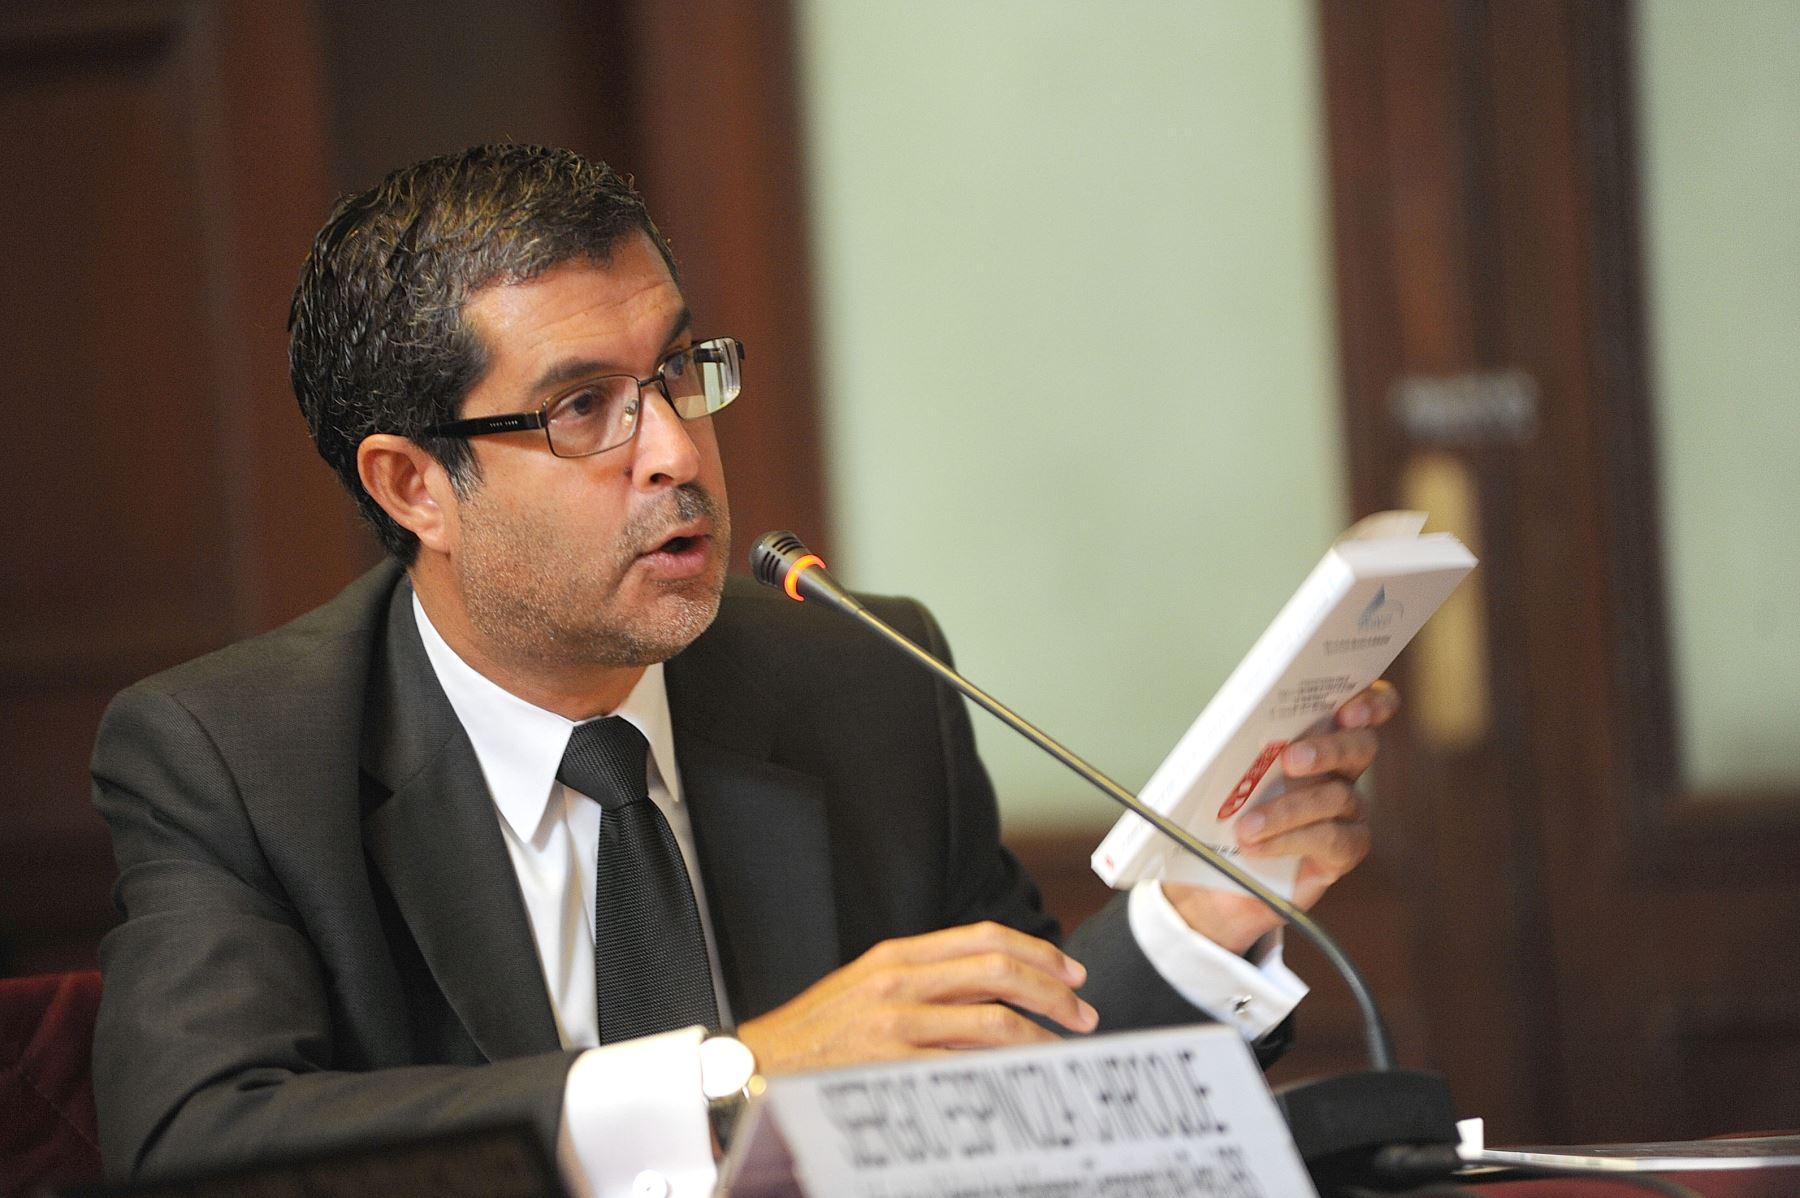 Superintendente adjunto de la Unidad de Inteligencia Financiera (UIF), Sergio Espinoza. ANDINA/Difusión